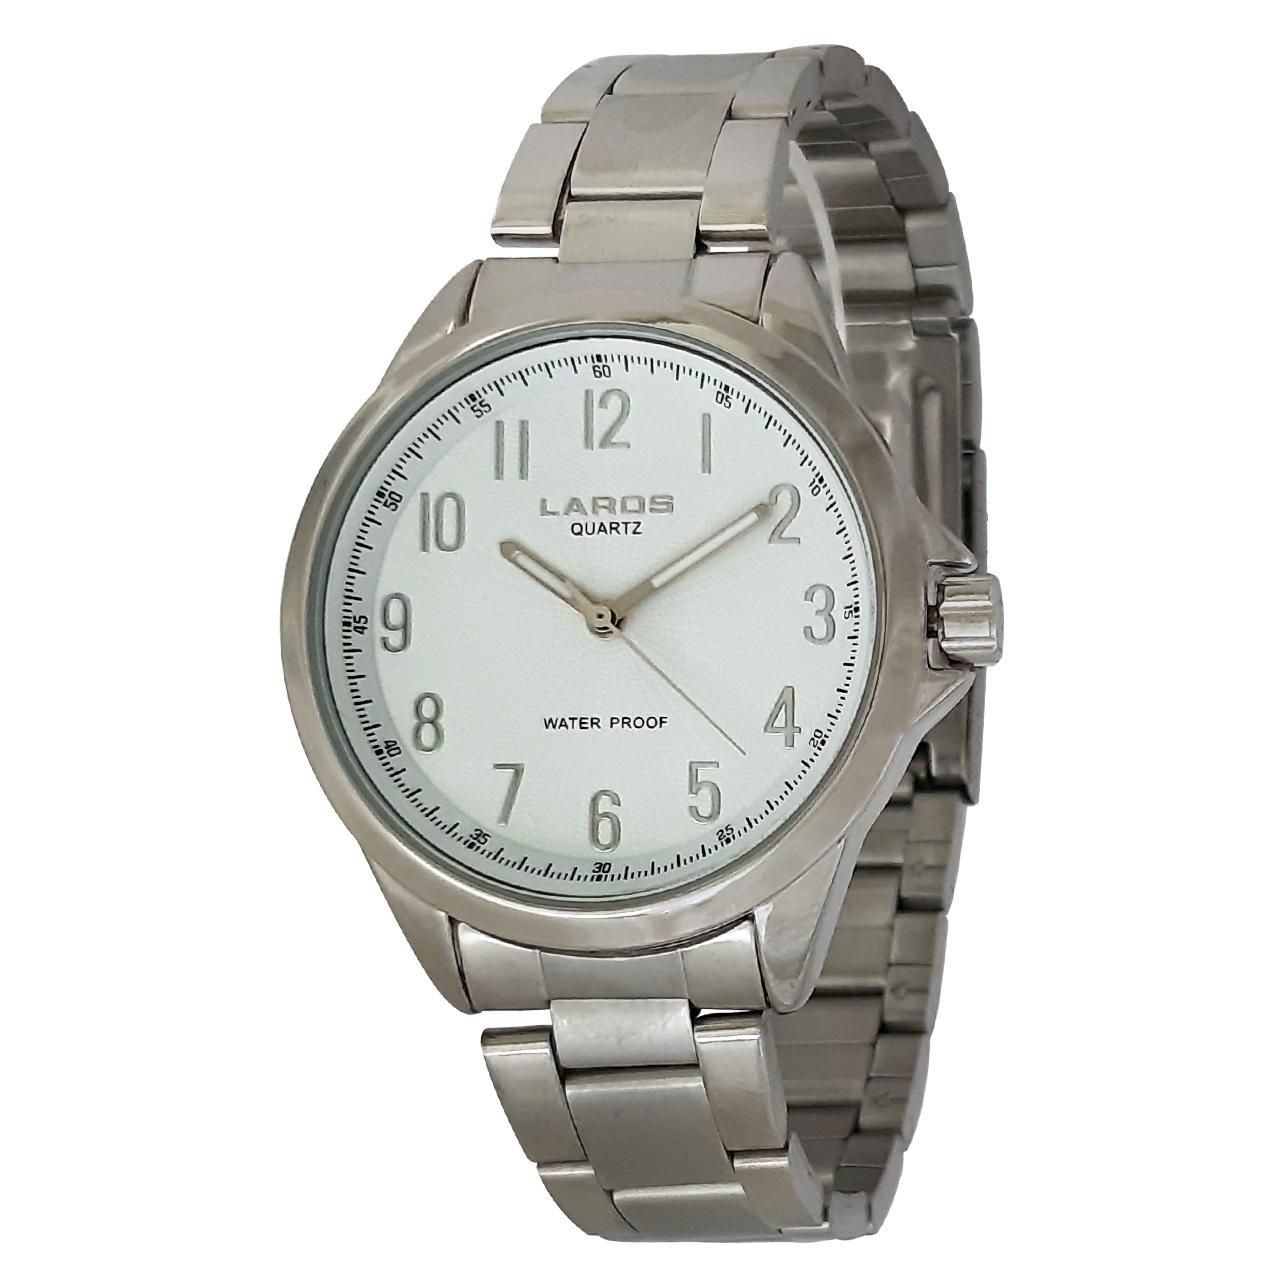 ساعت مچی عقربه ای مردانه لاروس مدل0517-79981 به همراه دستمال مخصوص برند کلین واچ